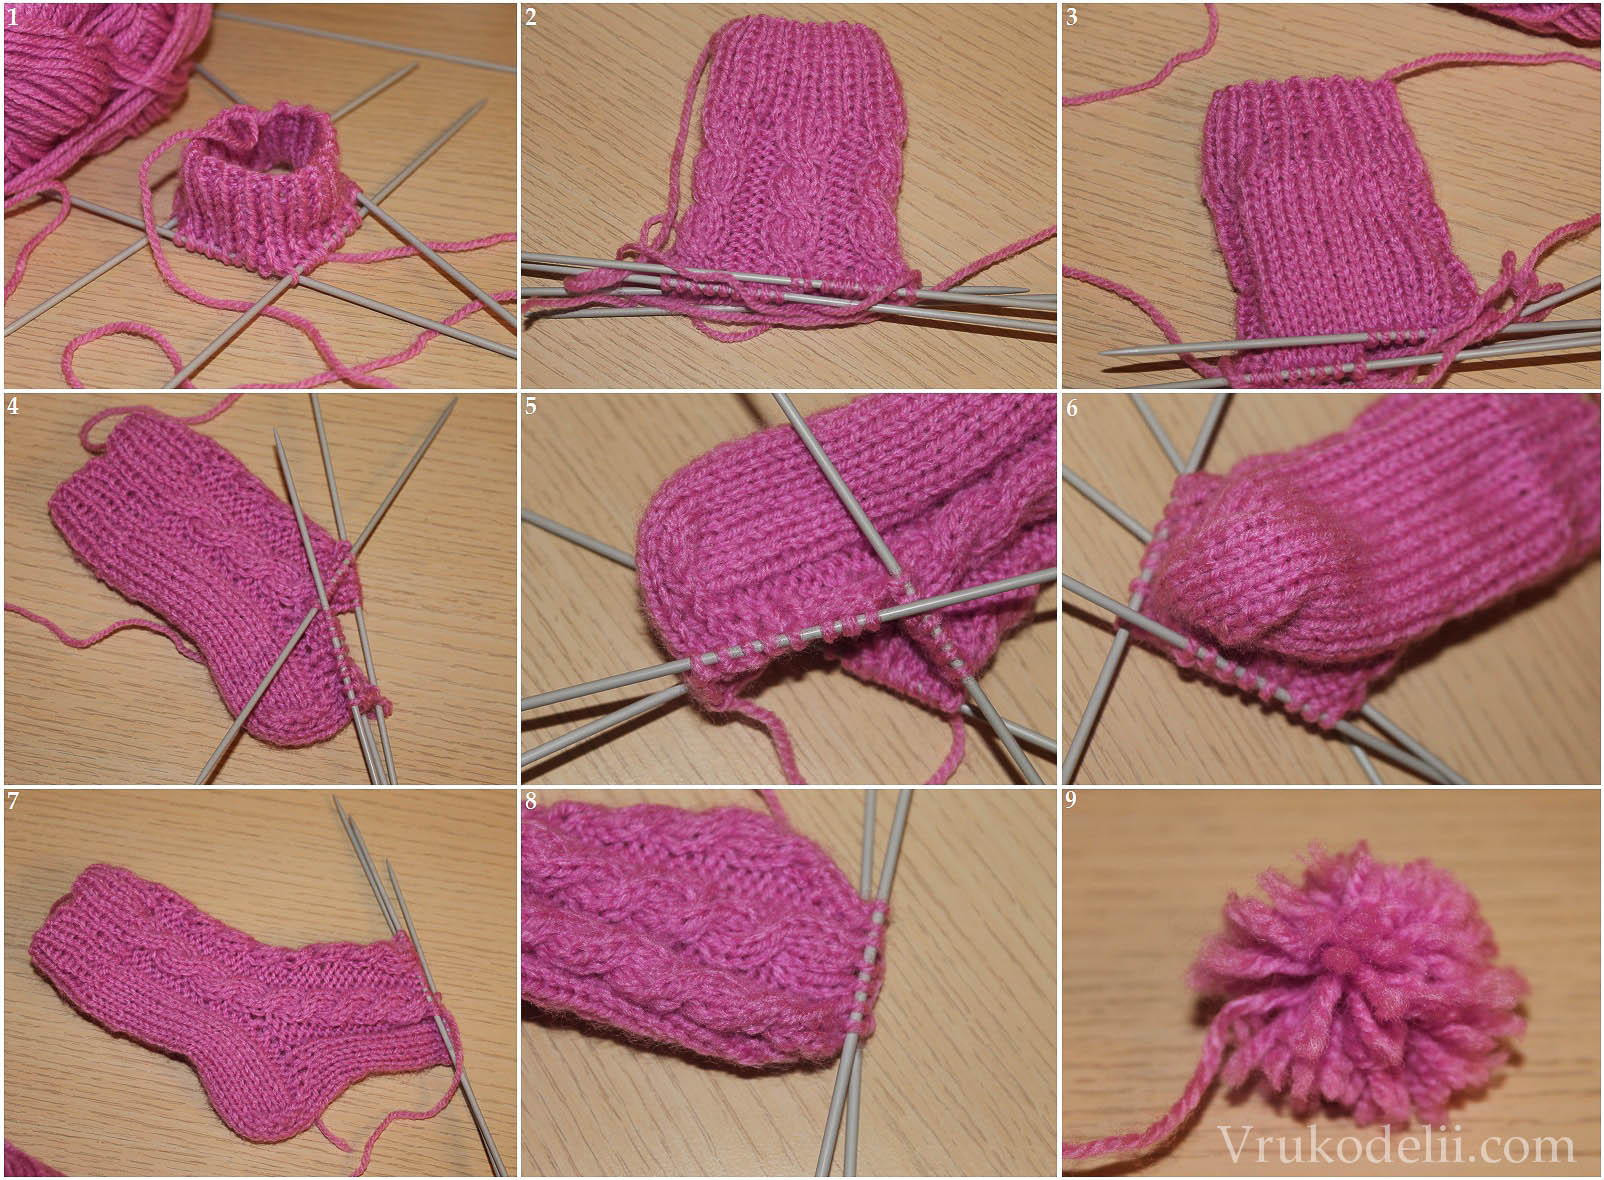 Мастер класс по вязанию носков » Петля - вязание 43